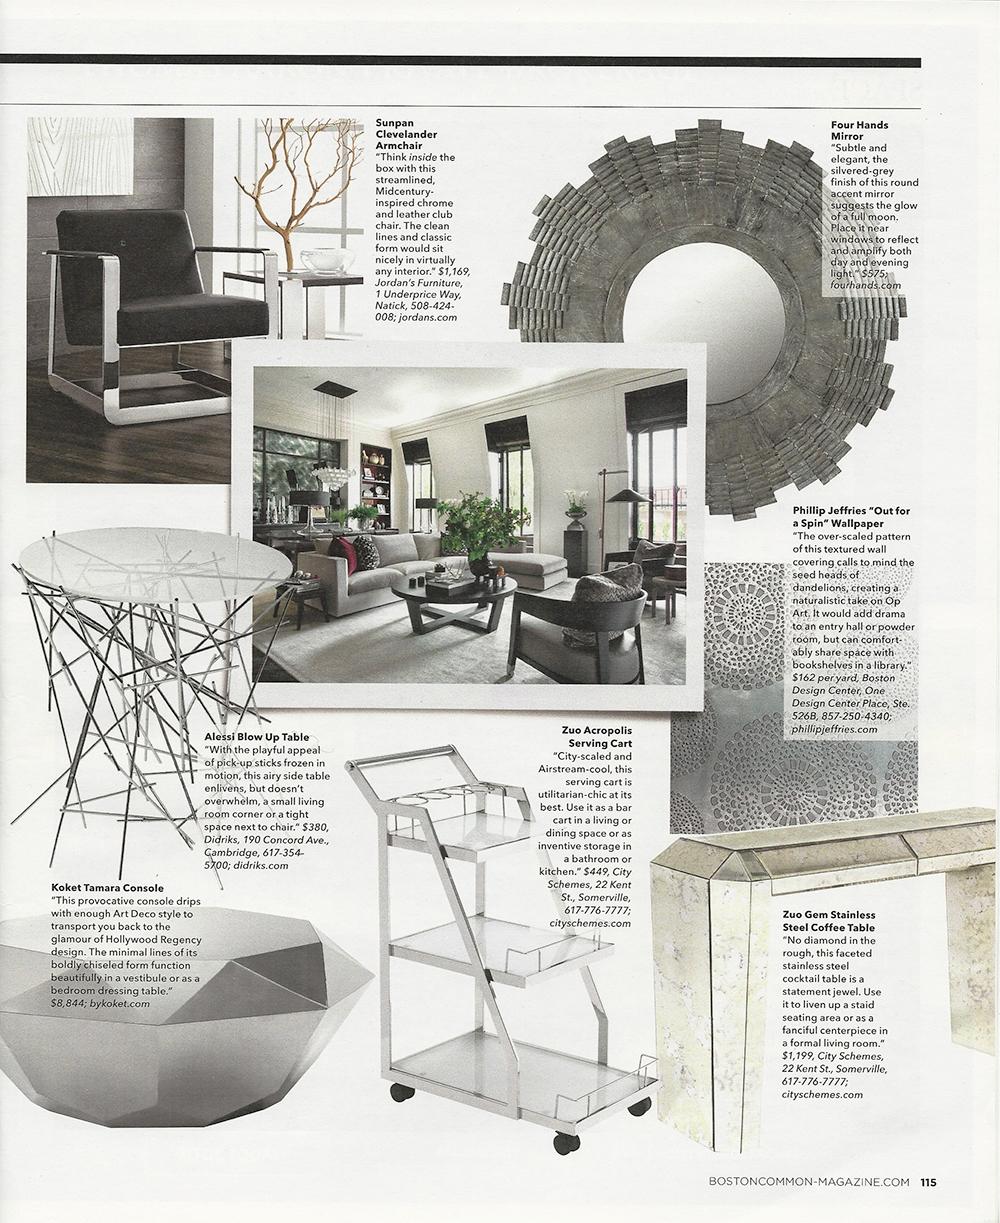 Interior Design Boston Common Metals - Page 2